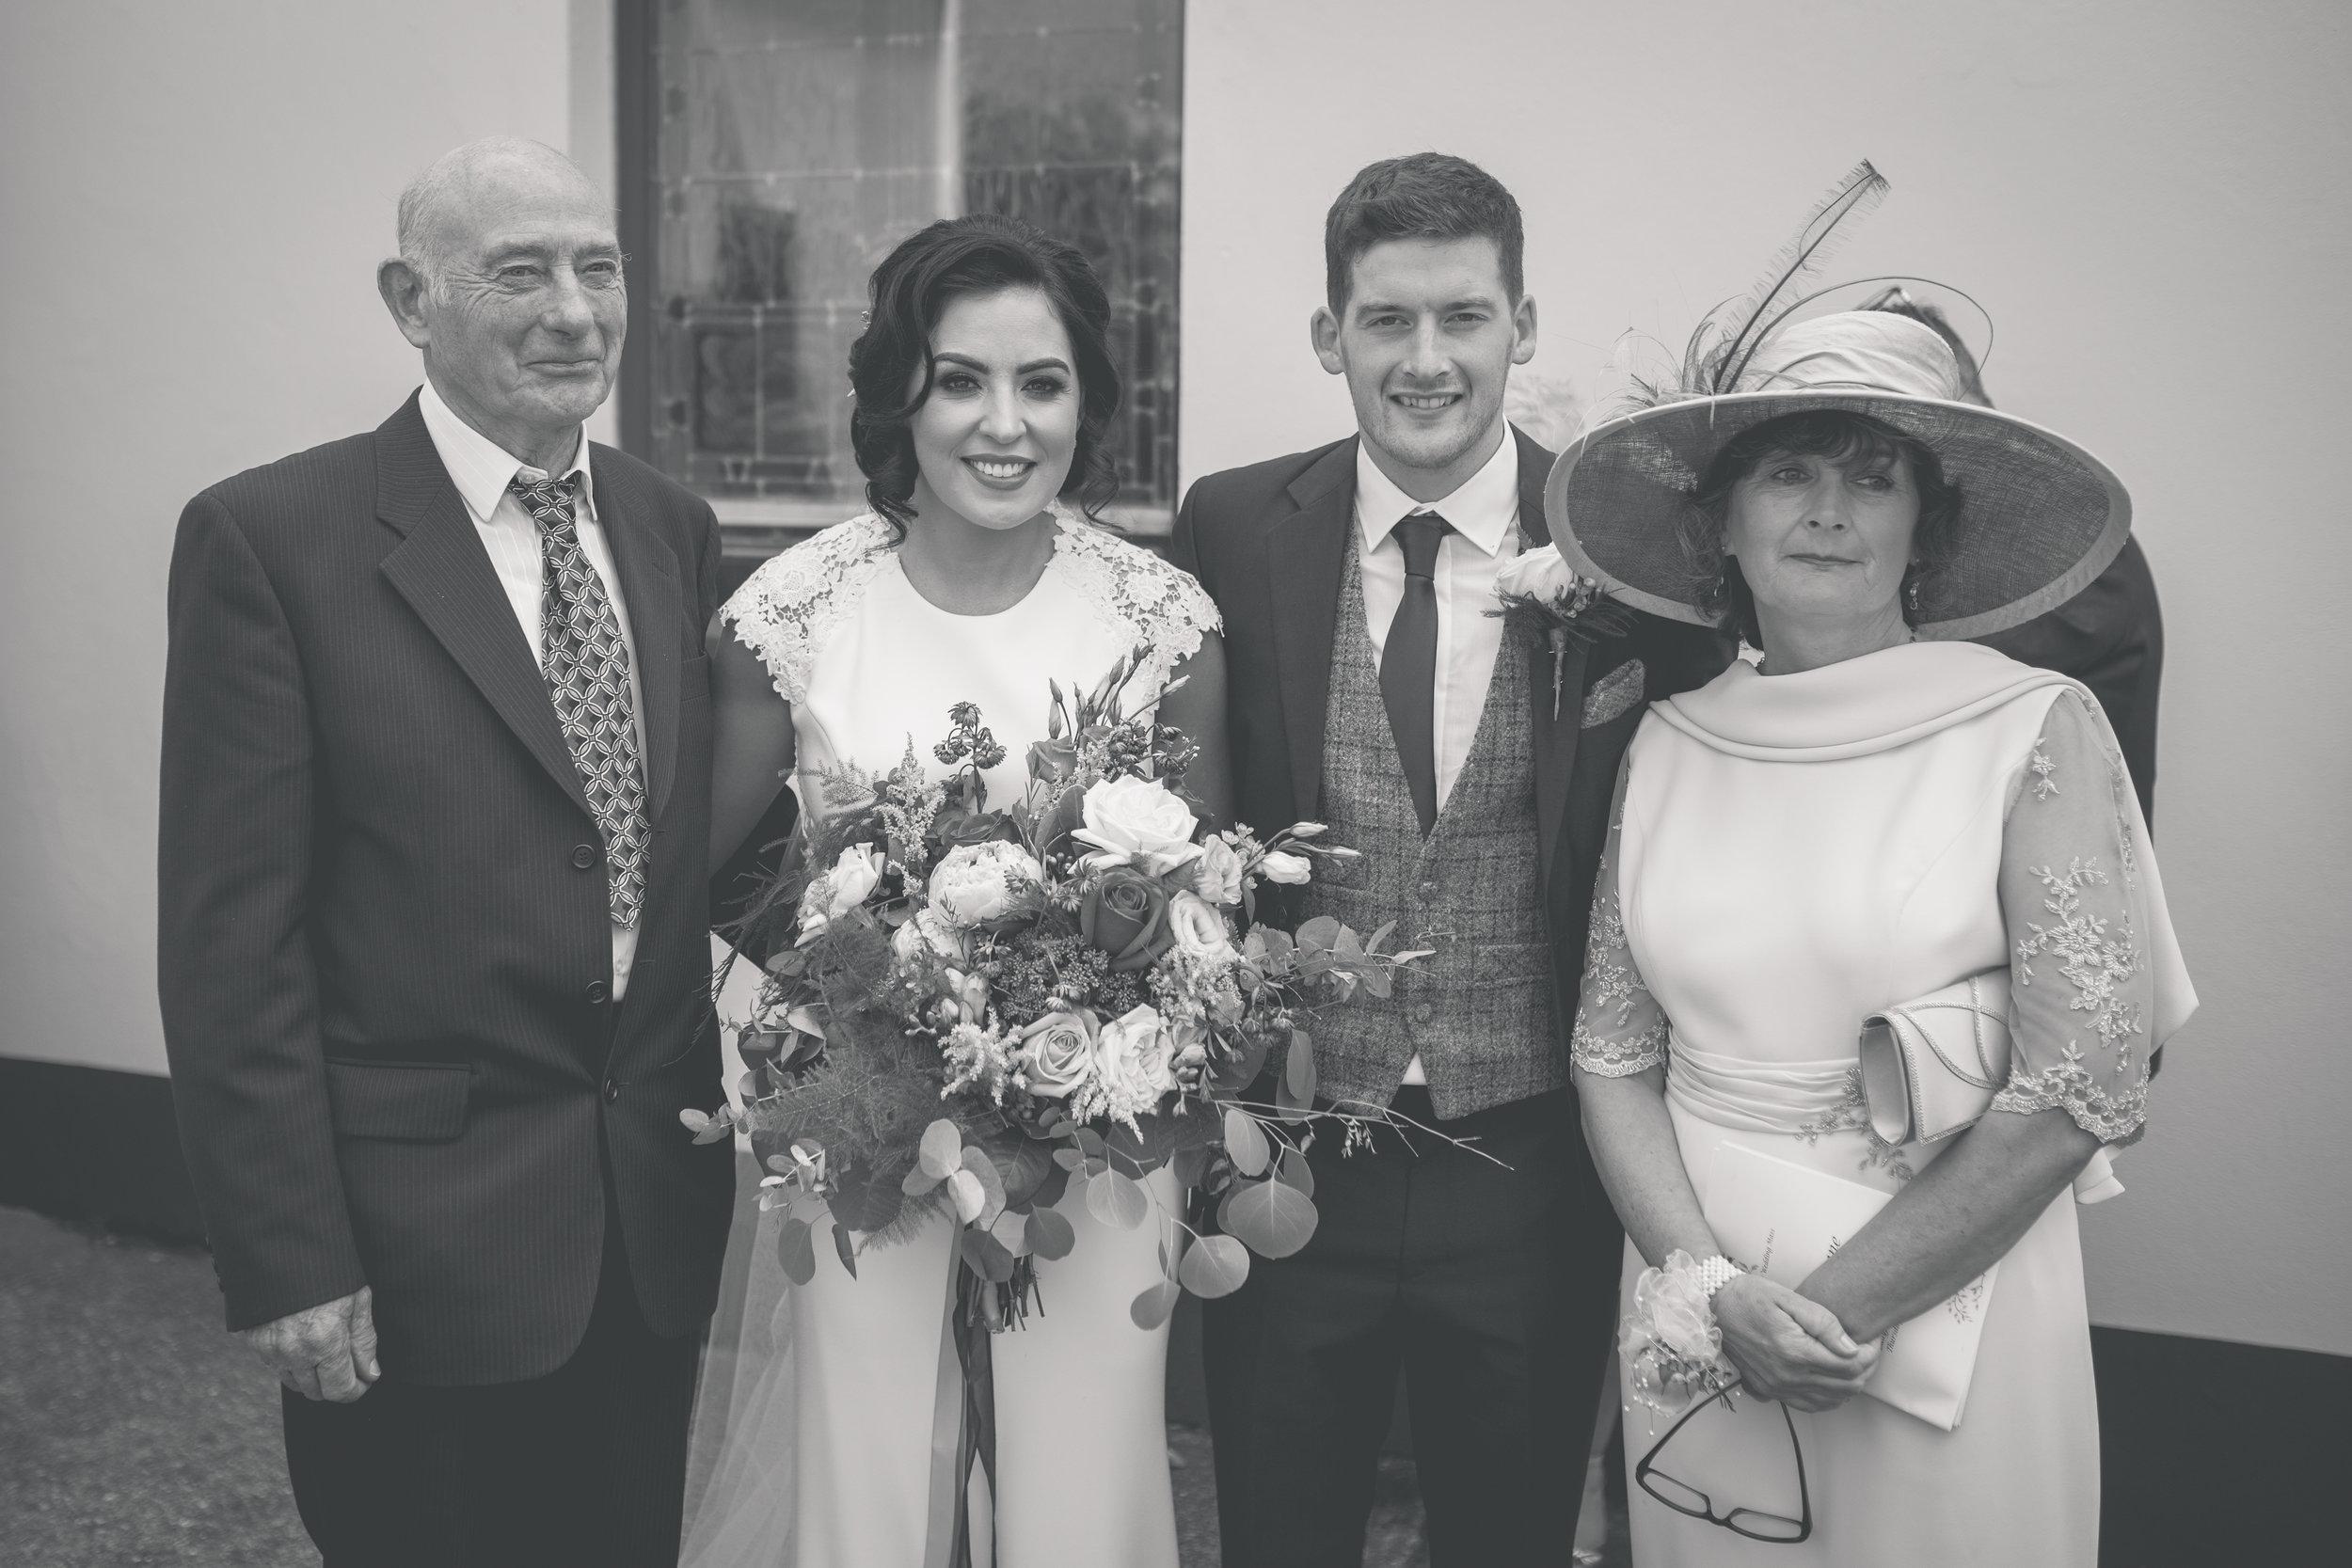 Brian McEwan Wedding Photography   Carol-Anne & Sean   The Ceremony-139.jpg